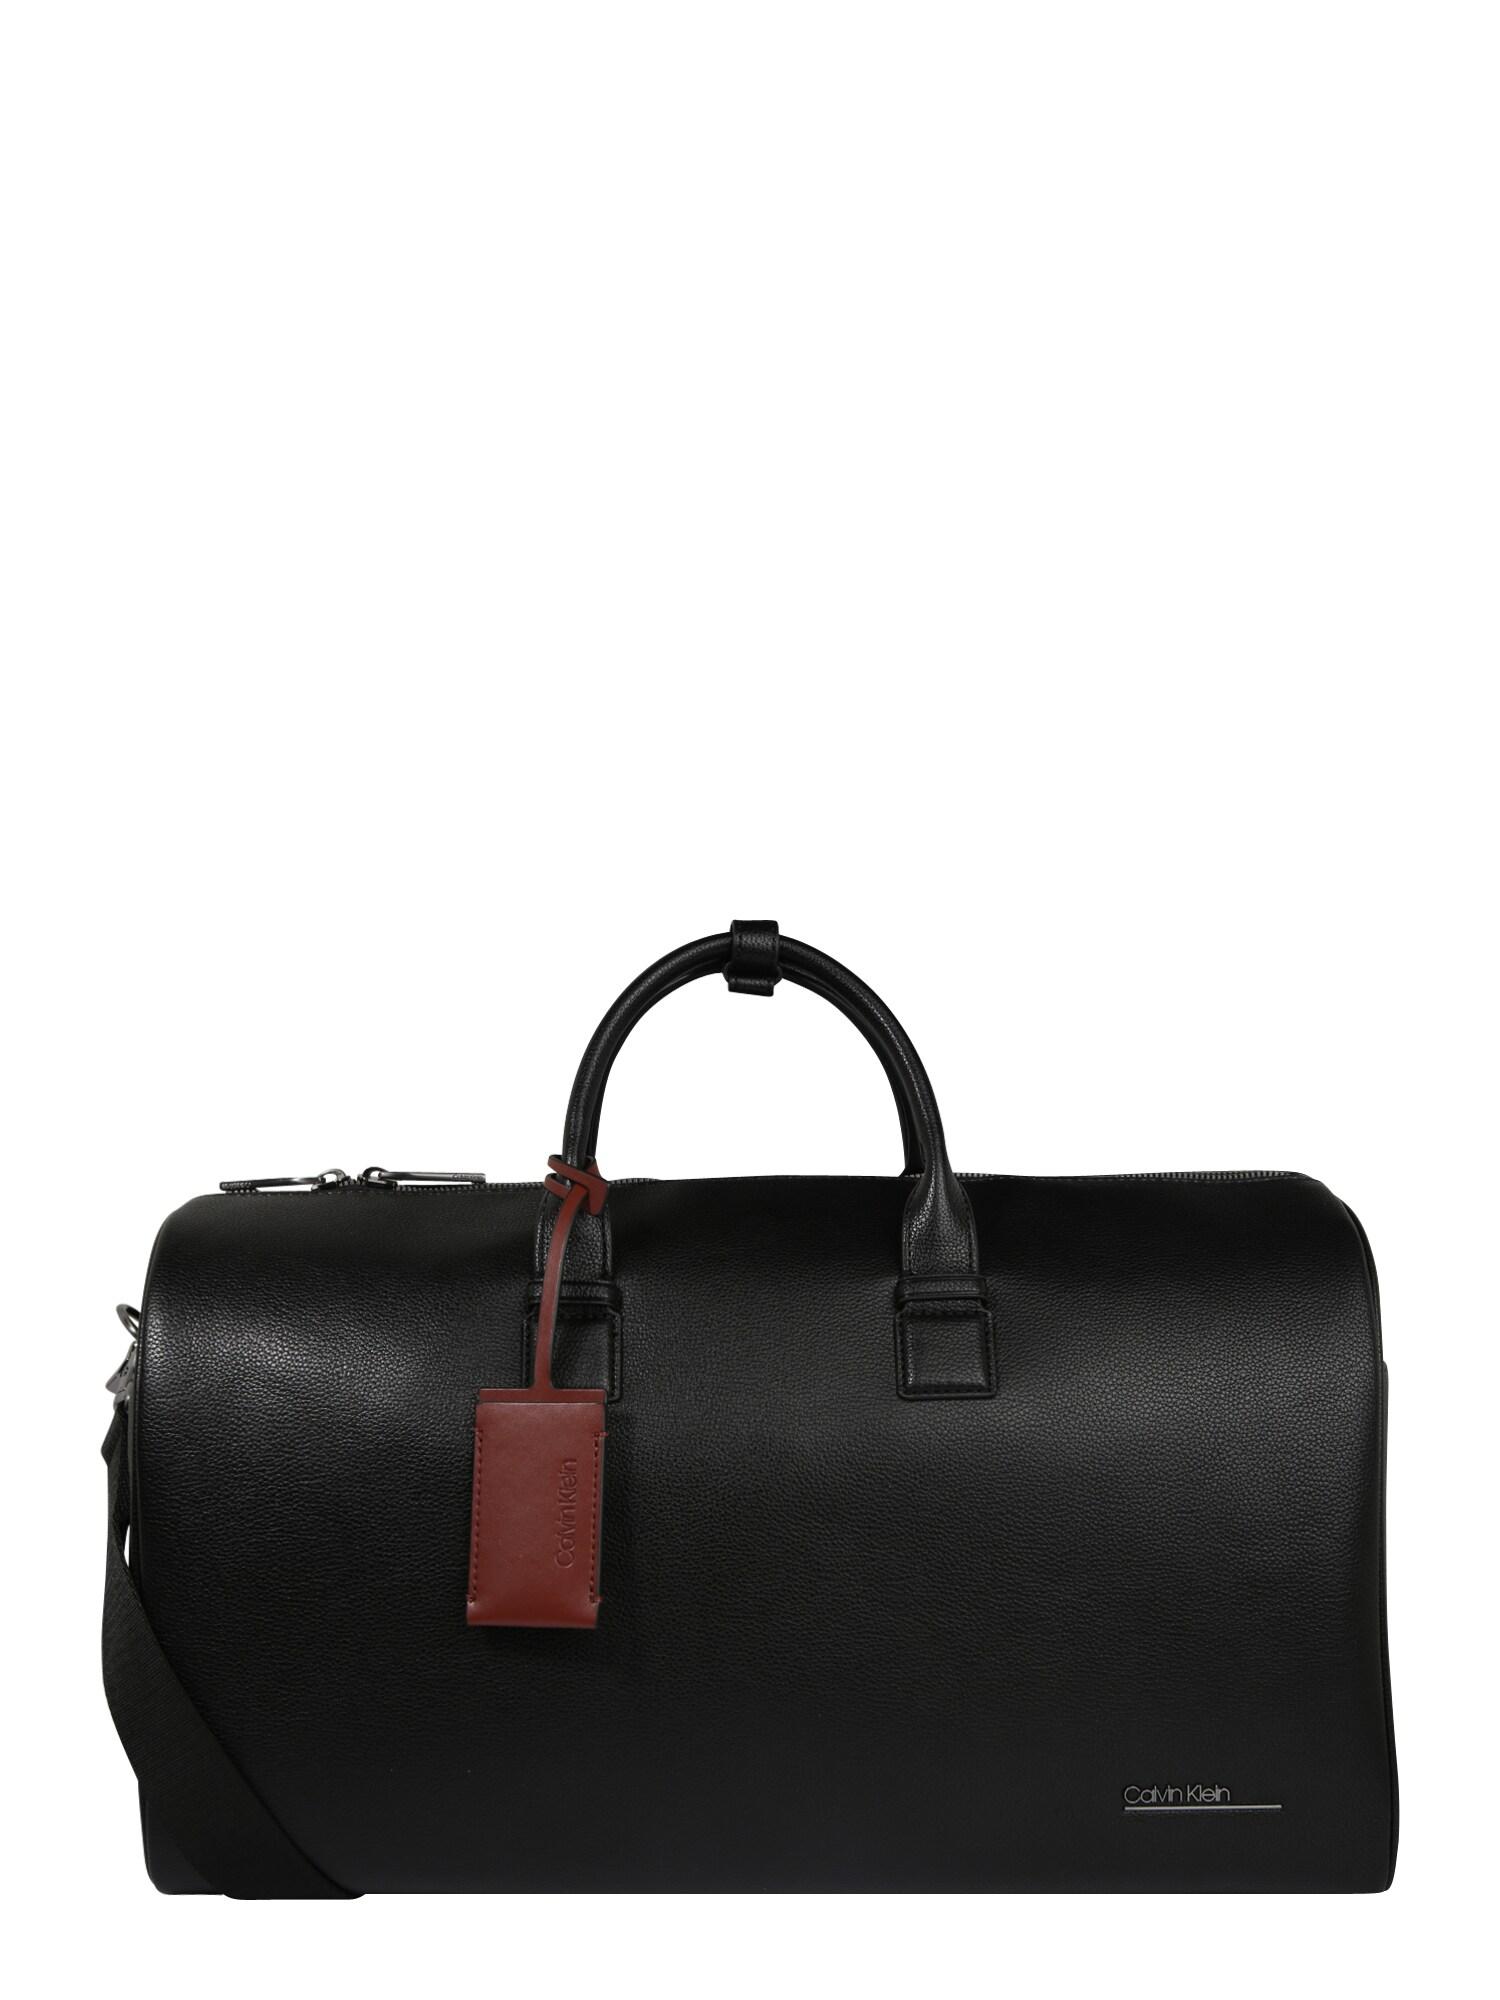 Calvin Klein Savaitgalio krepšys 'CK BOMBE' juoda